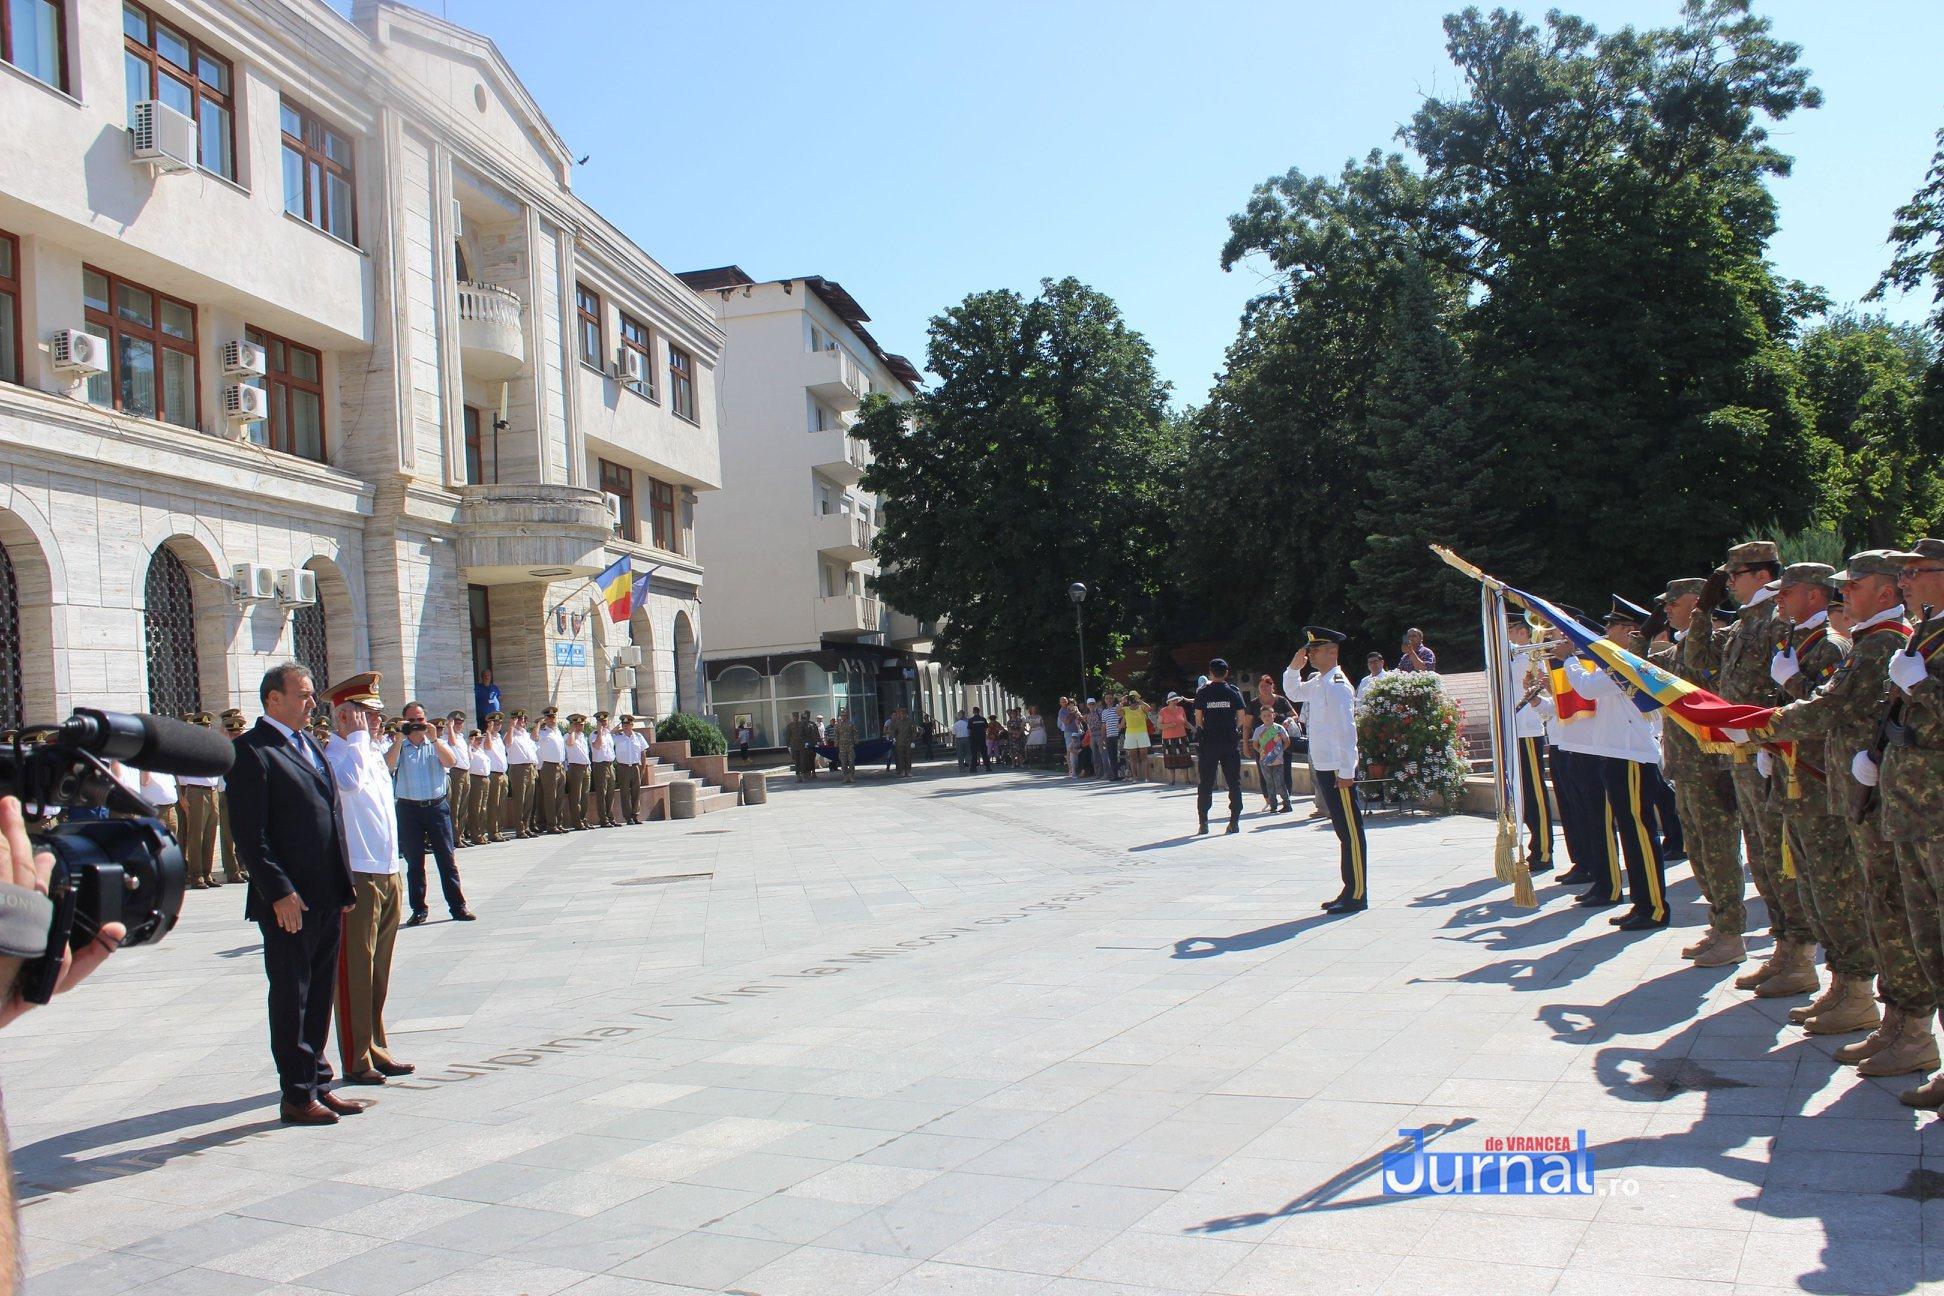 drapel 1 - GALERIE FOTO: Ceremonie la Focșani de Ziua Drapelului